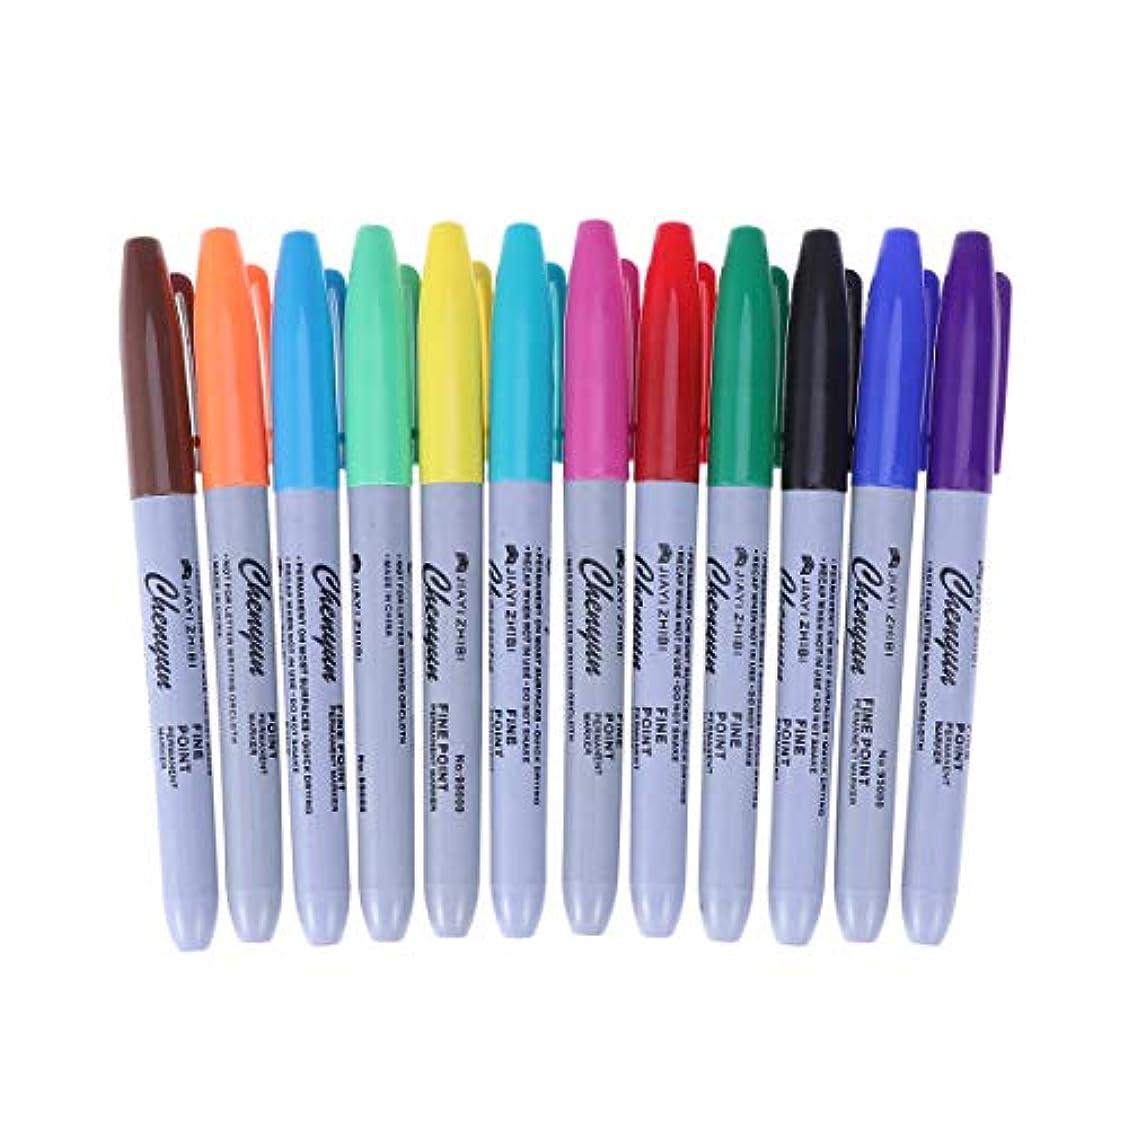 酸二十と組むHealifty タトゥーペン防水高品質マーカーペン12色スキンマーカーペンスクライブツールタトゥー用品24ピース